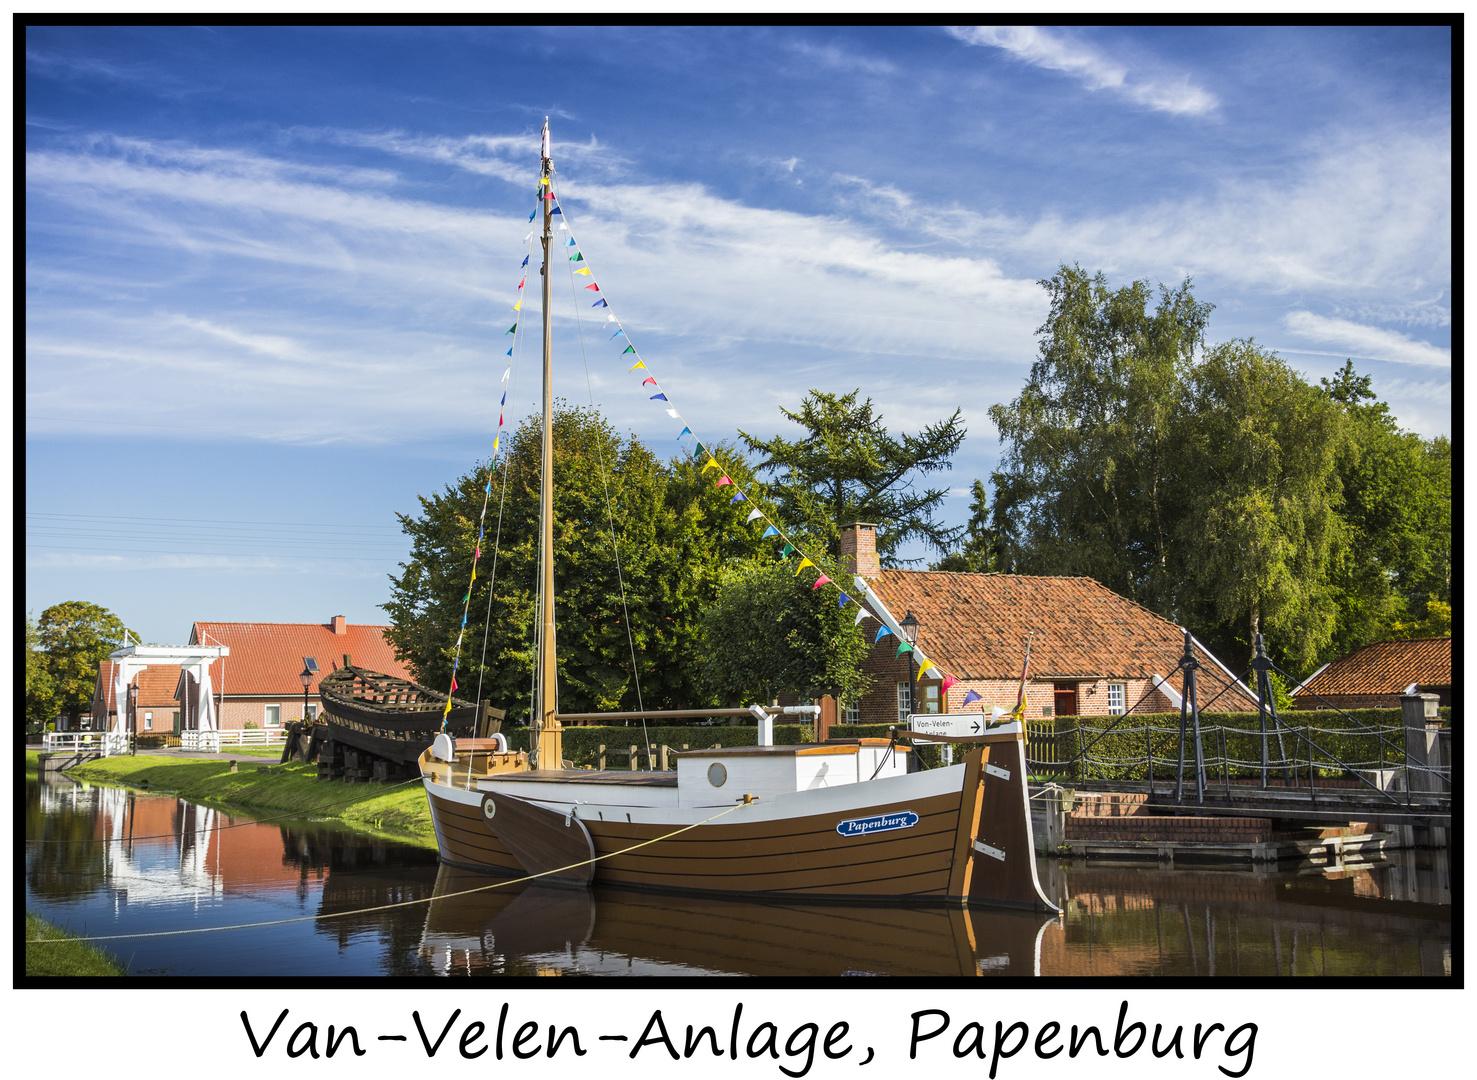 Van-Velen-Anlage, Papenburg